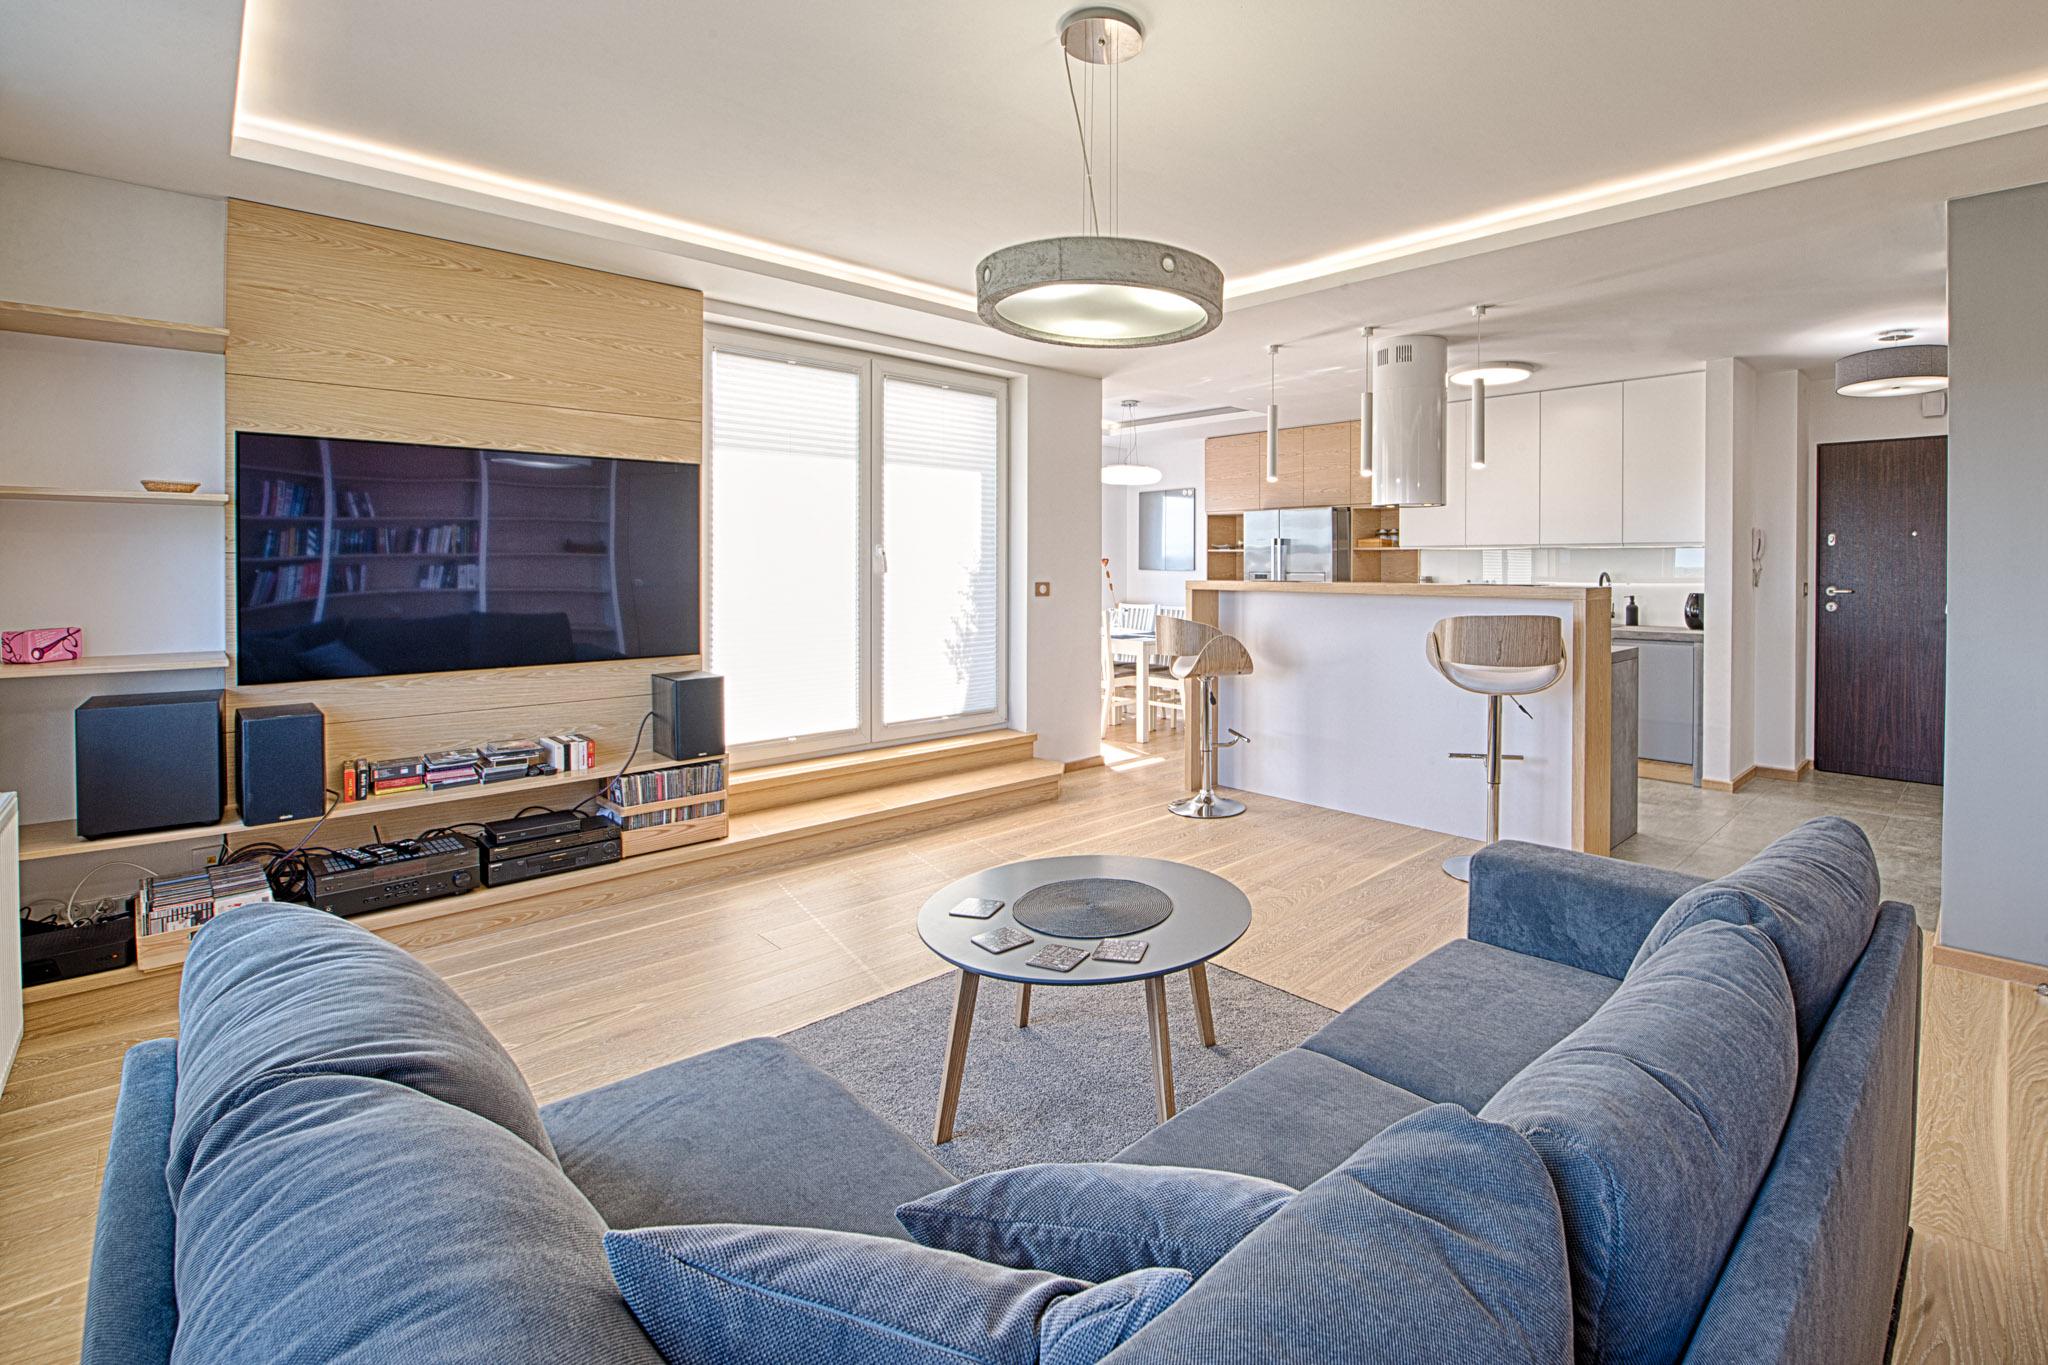 Salon podzielony jest na trzy strefy funkcjonalne: przestrzeń rekreacyjną, kuchnię oraz jadalnię.